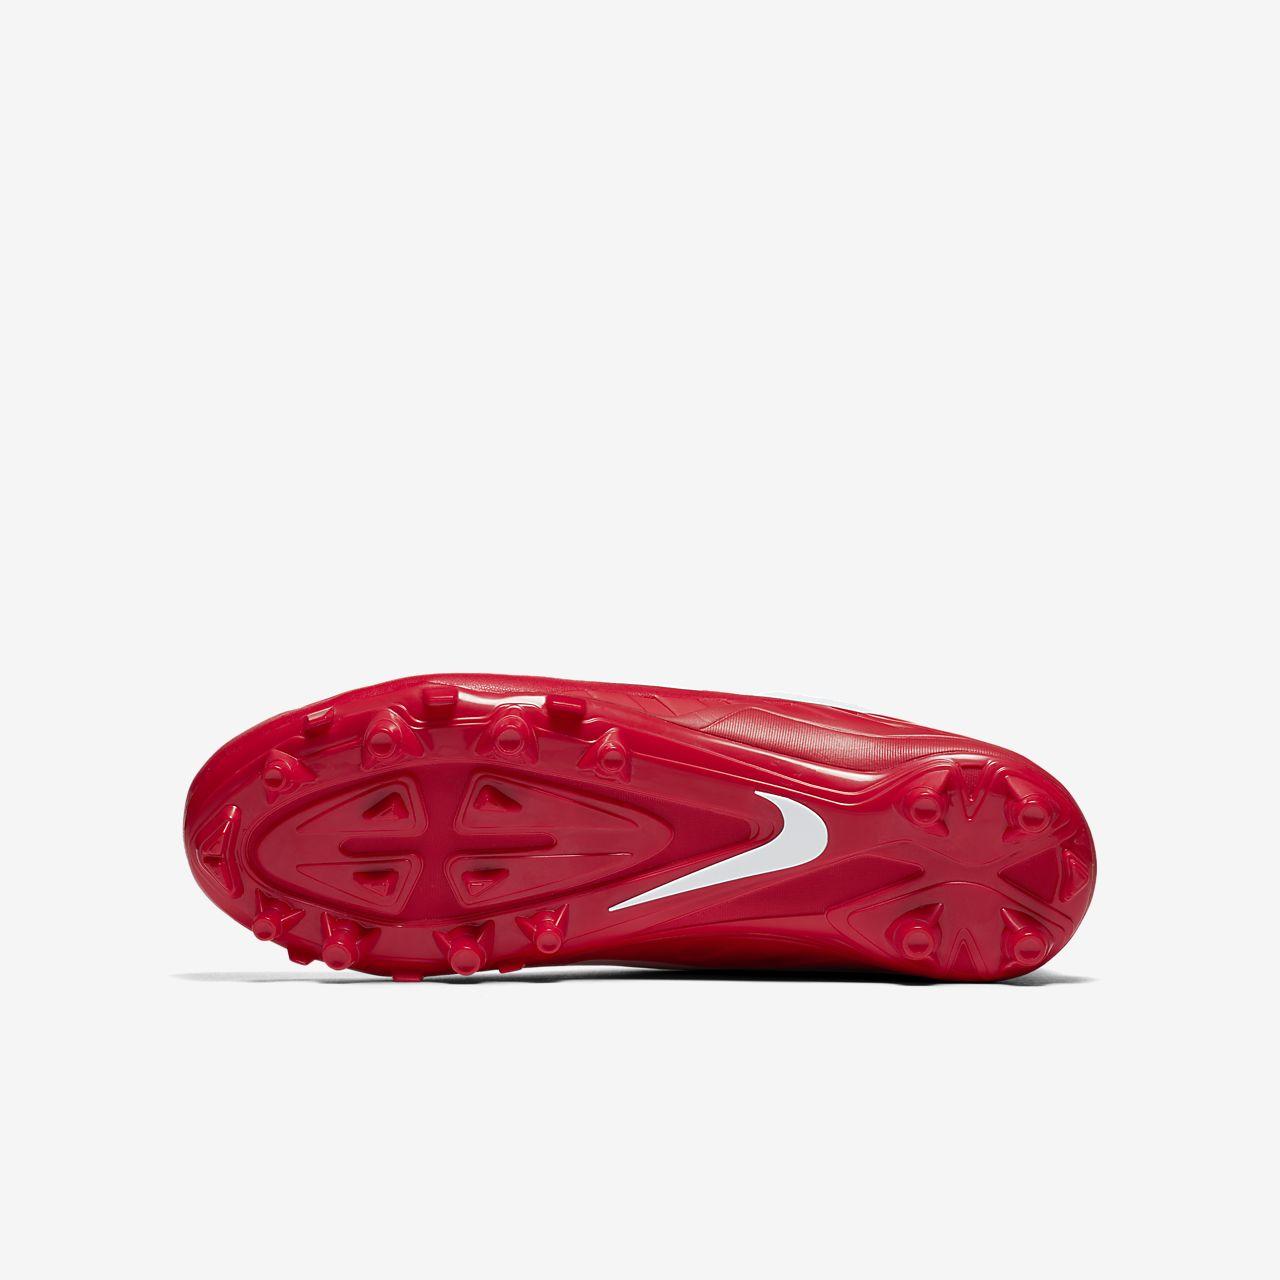 a6a5ce3213264a Nike Alpha Huarache 6 Big Kids  Lacrosse Cleat. Nike.com